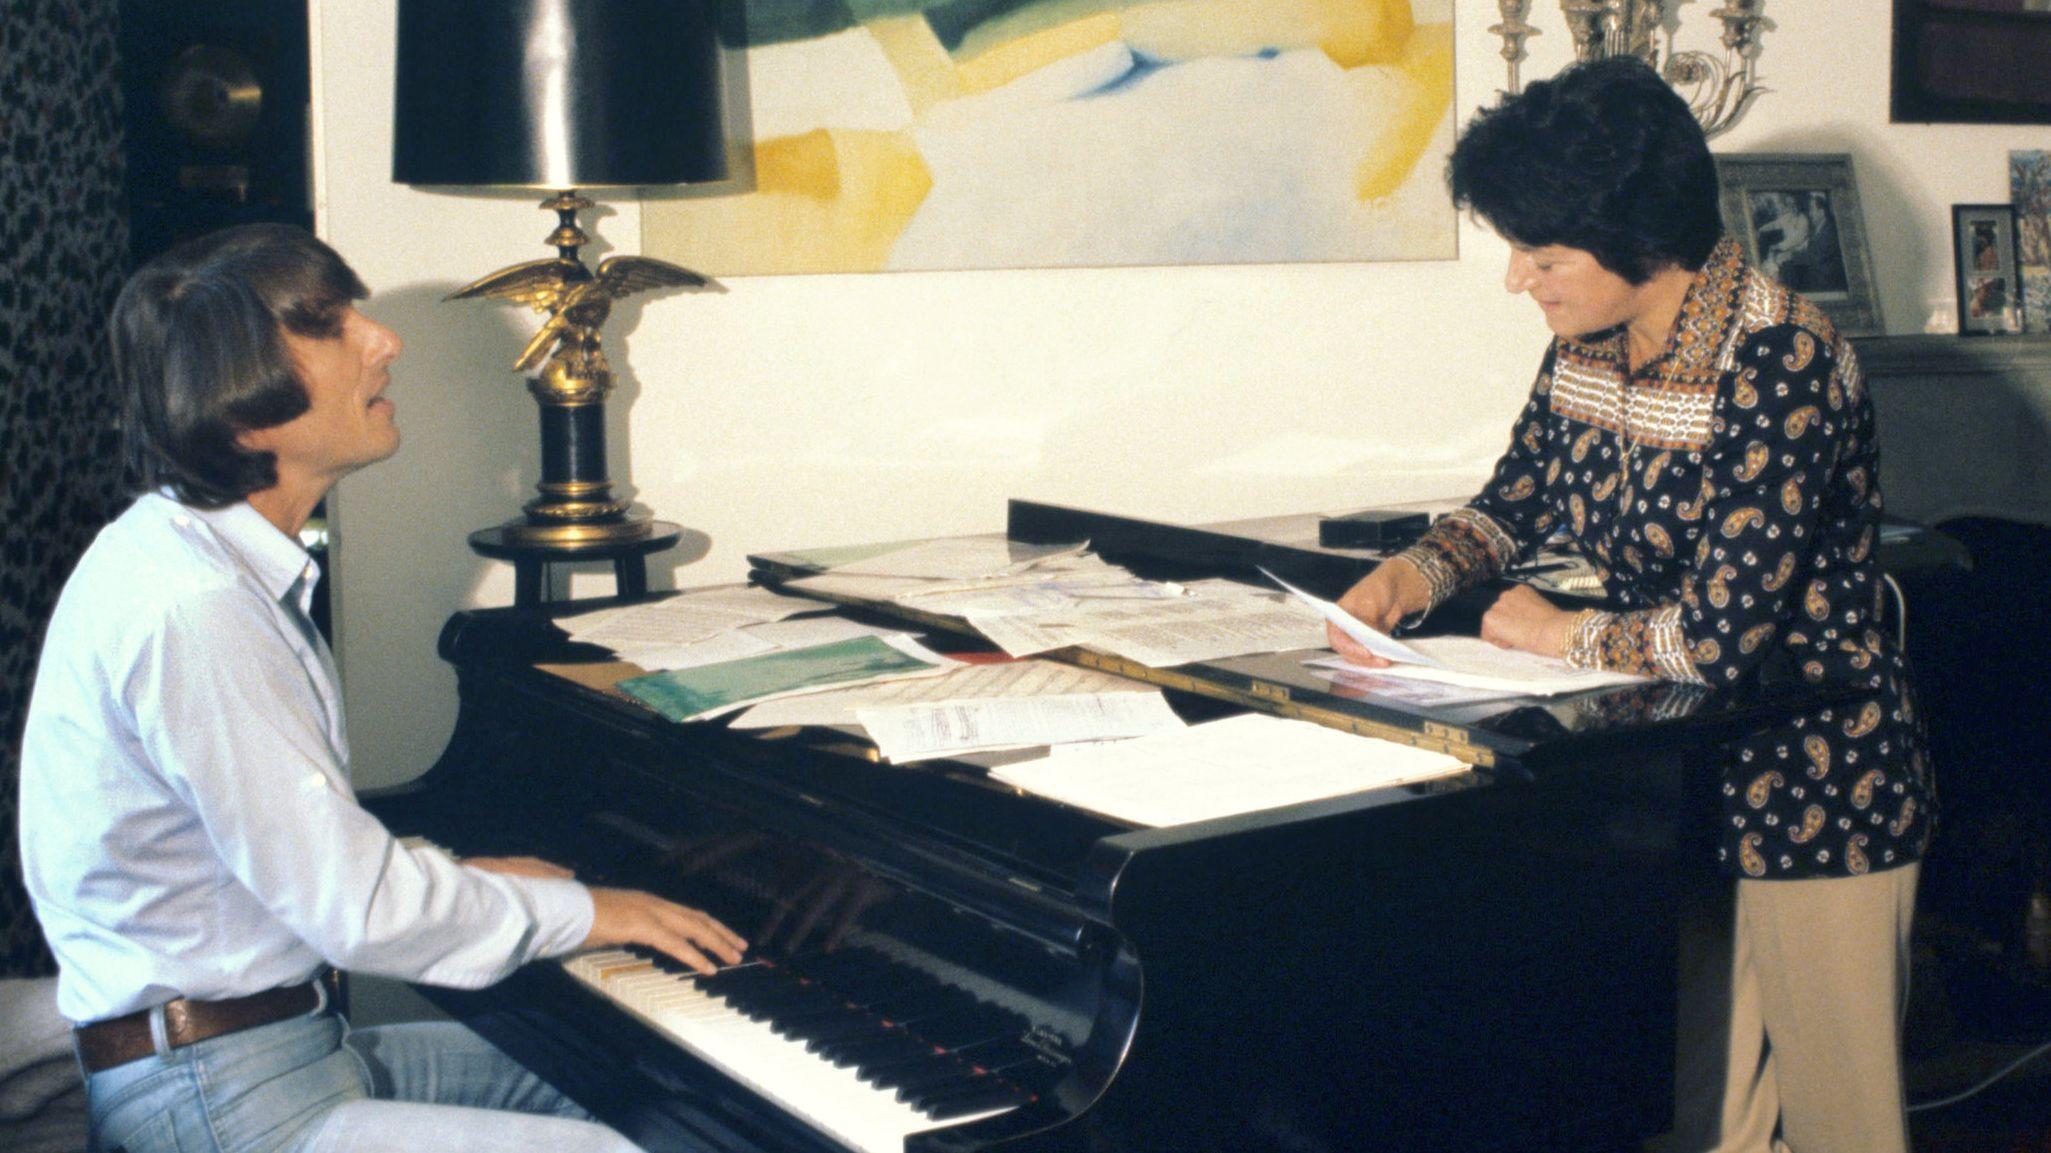 Die Schlager-Texterin Irma Holder probt mit dem österreichischen Sänger Udo Jürgens ein Musikstück. Holder ist im Alter von 93 Jahren in Gärtringen gestorben